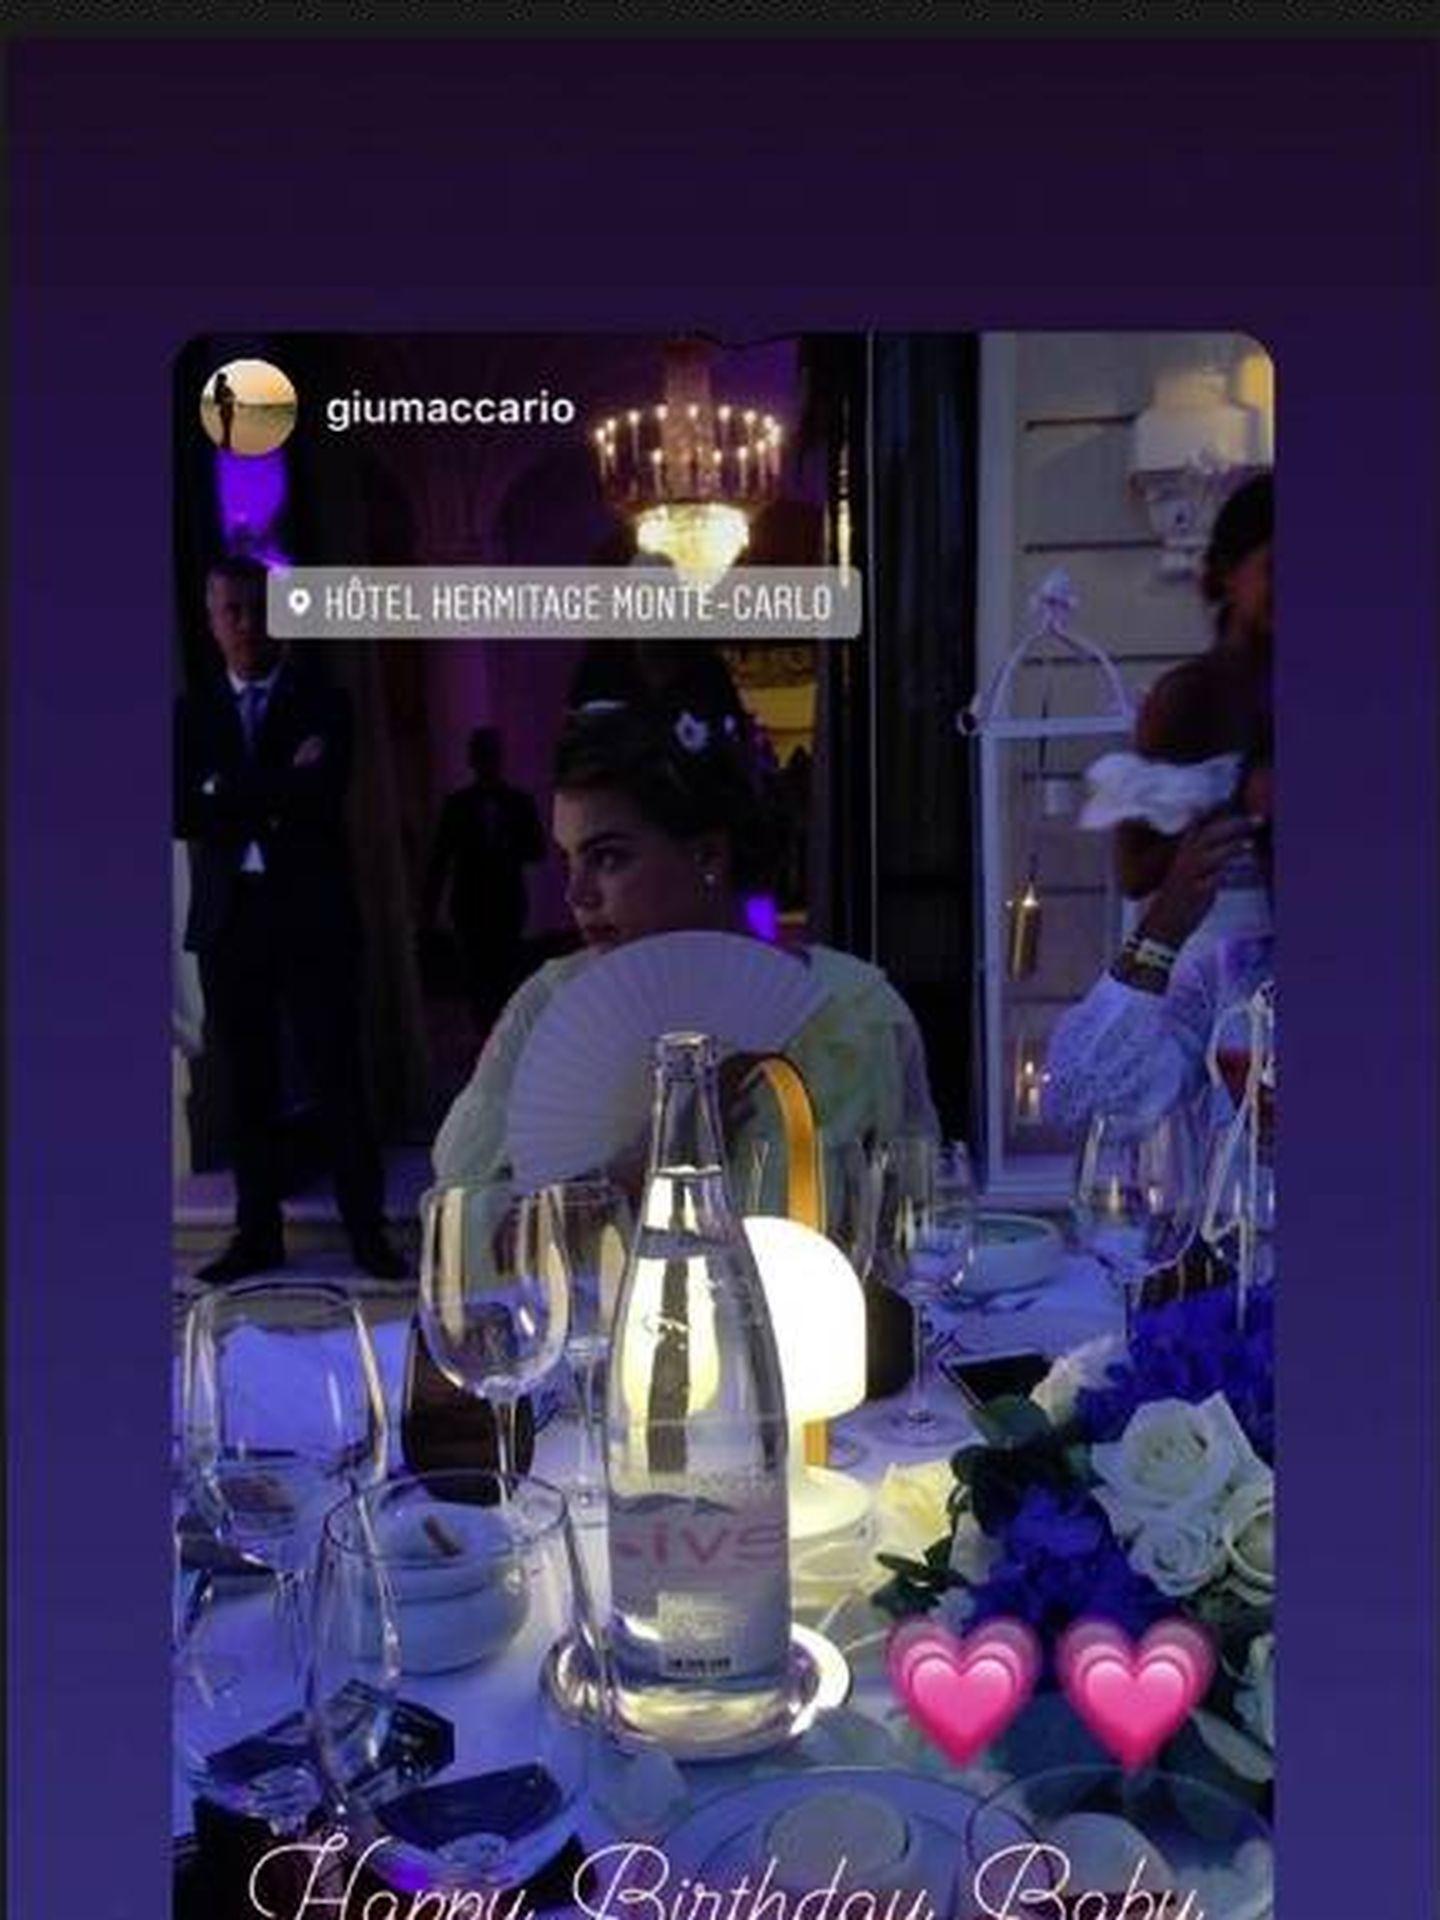 Camille durante la cena en el hotel Hermitage de Monte Carlo. (IG)